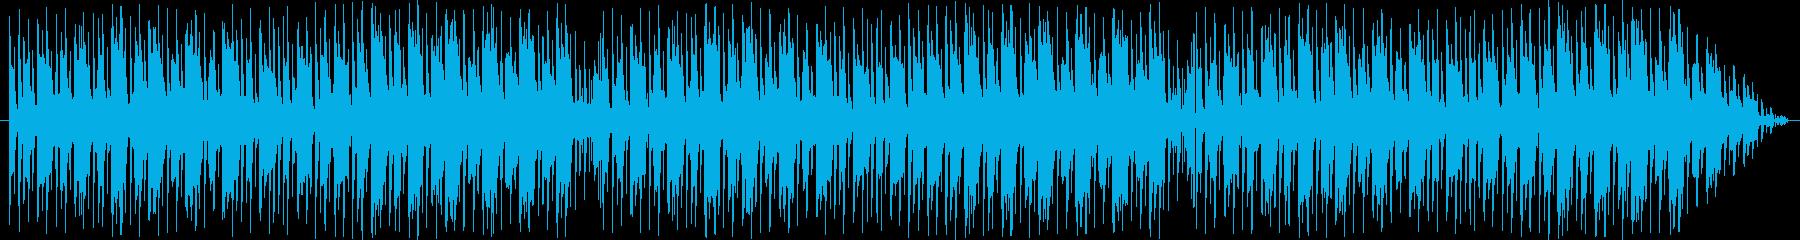 コマーシャル用の音楽。バチャータ。...の再生済みの波形